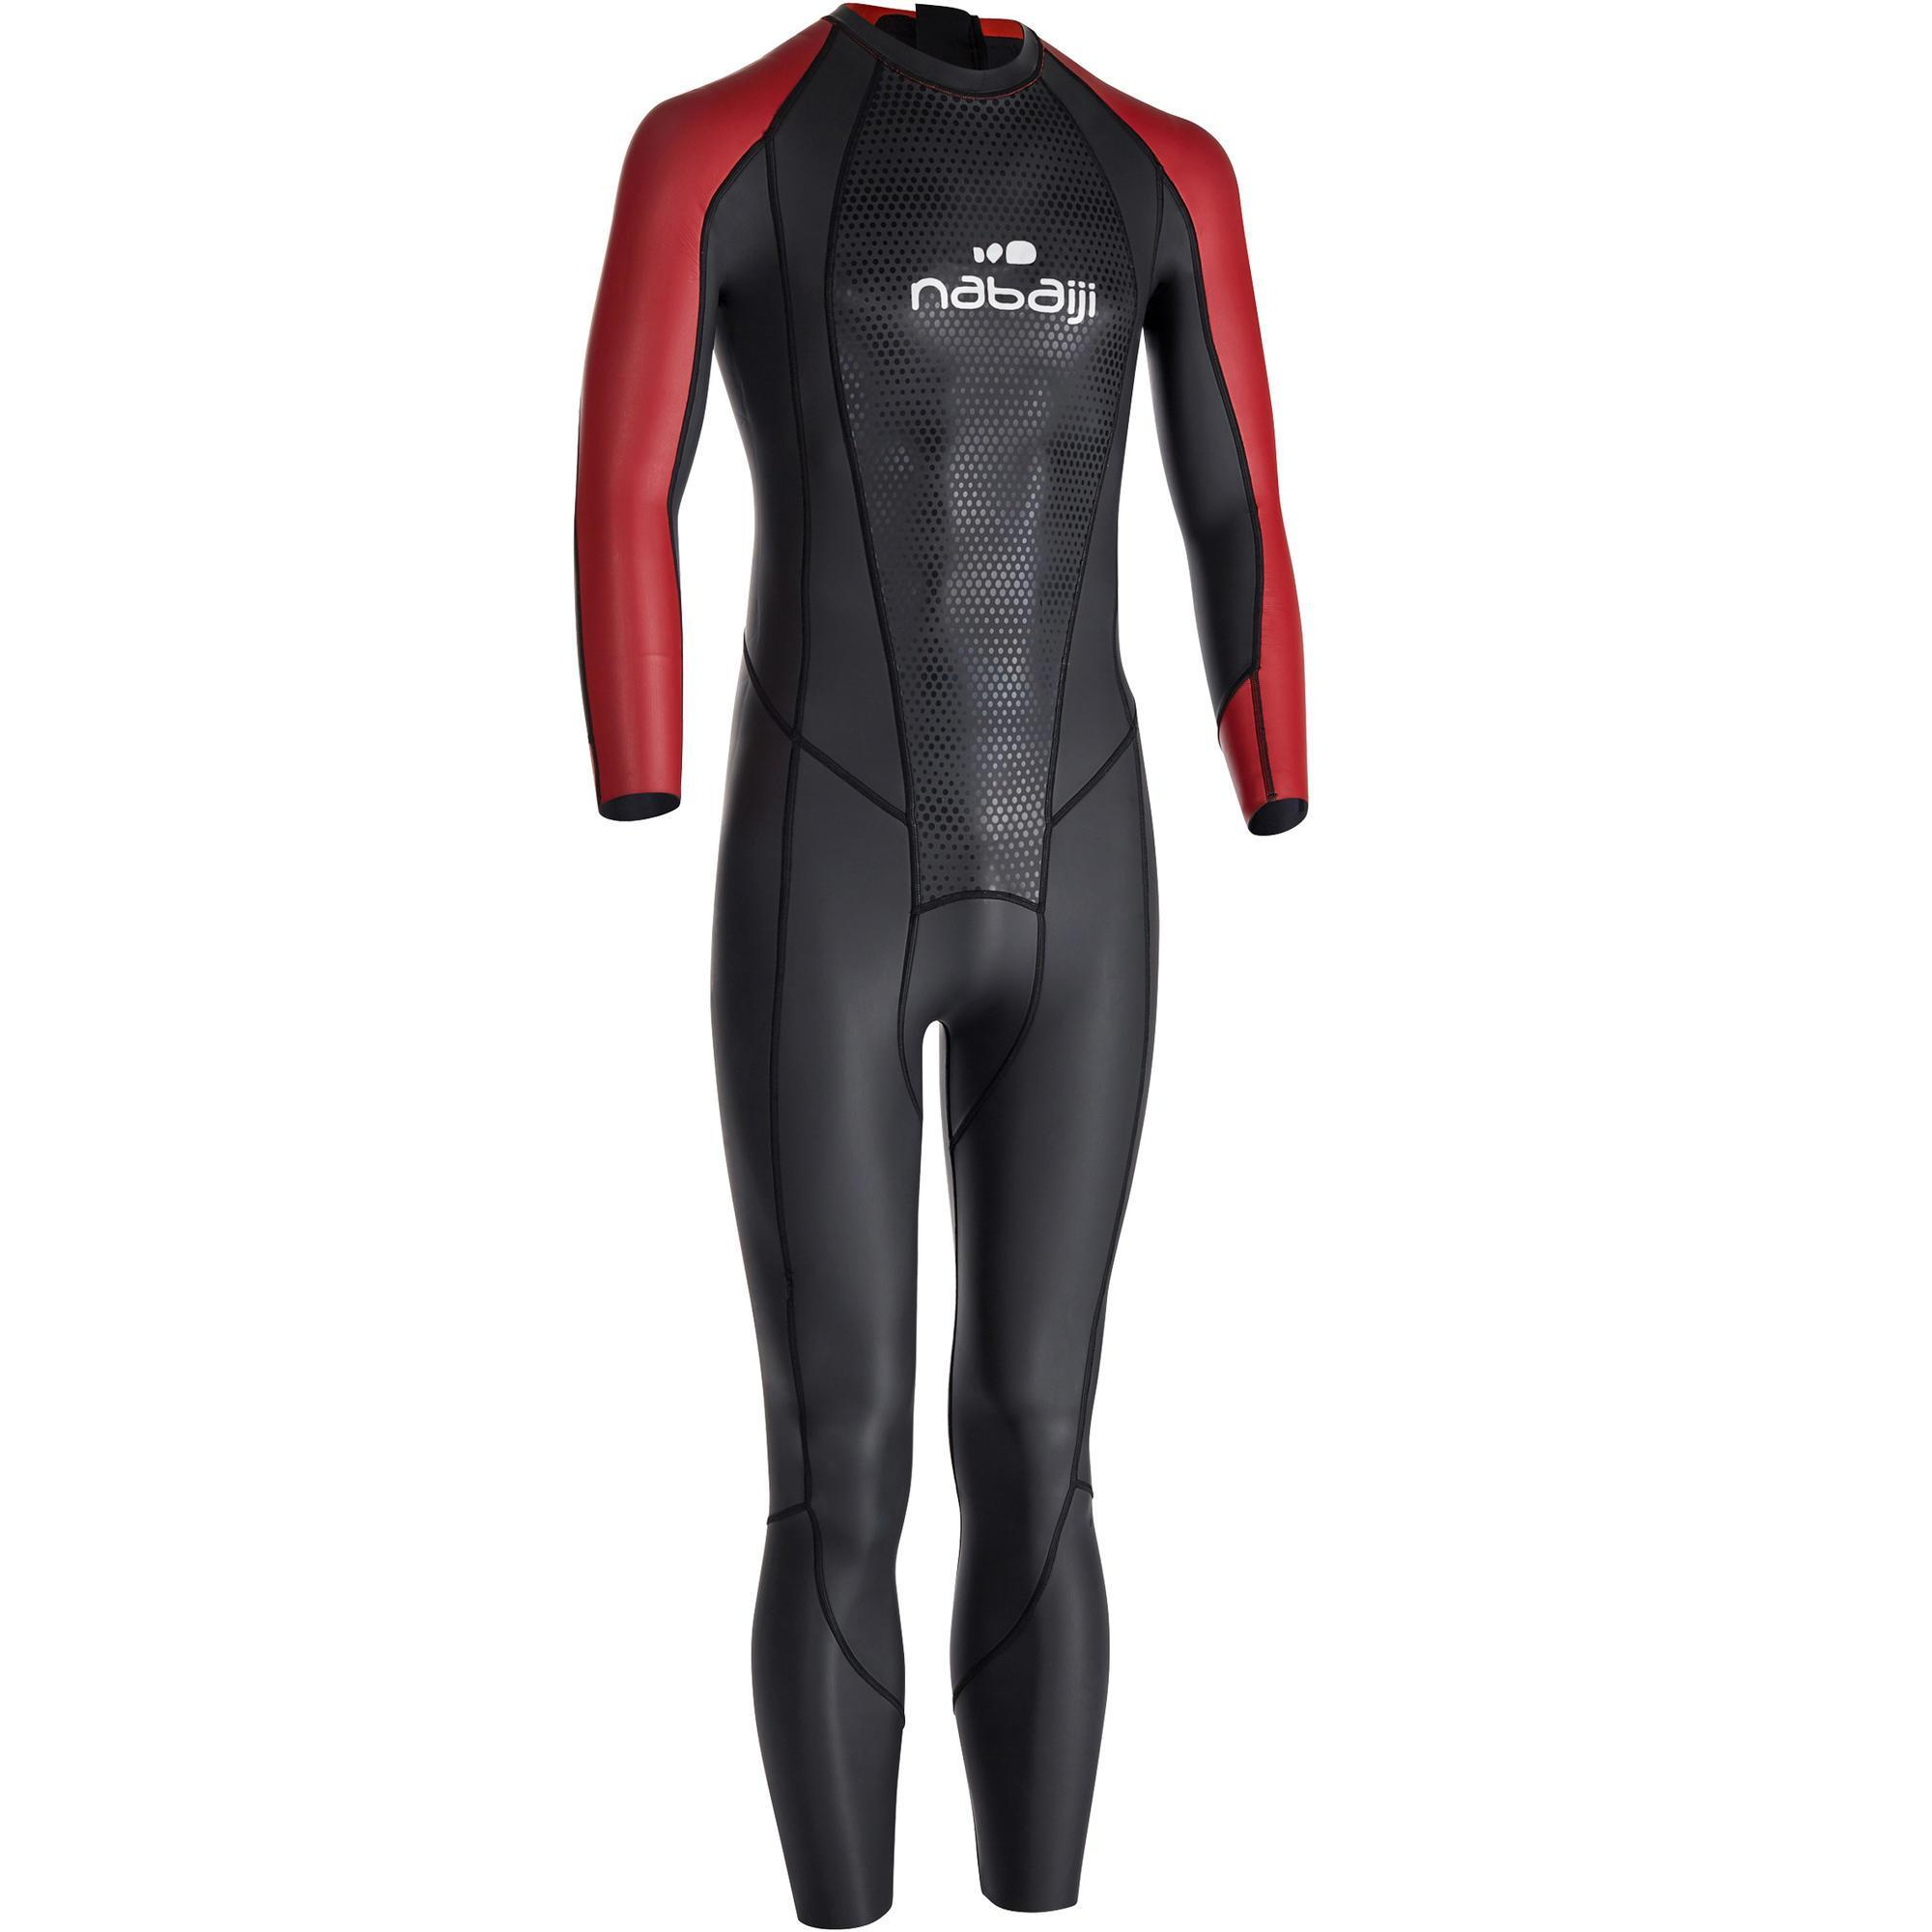 Schwimmanzug Neopren OWS 500 2,5/2mm Herren | Bekleidung > Bademode > Badehosen | Schwarz - Rot | Nabaiji